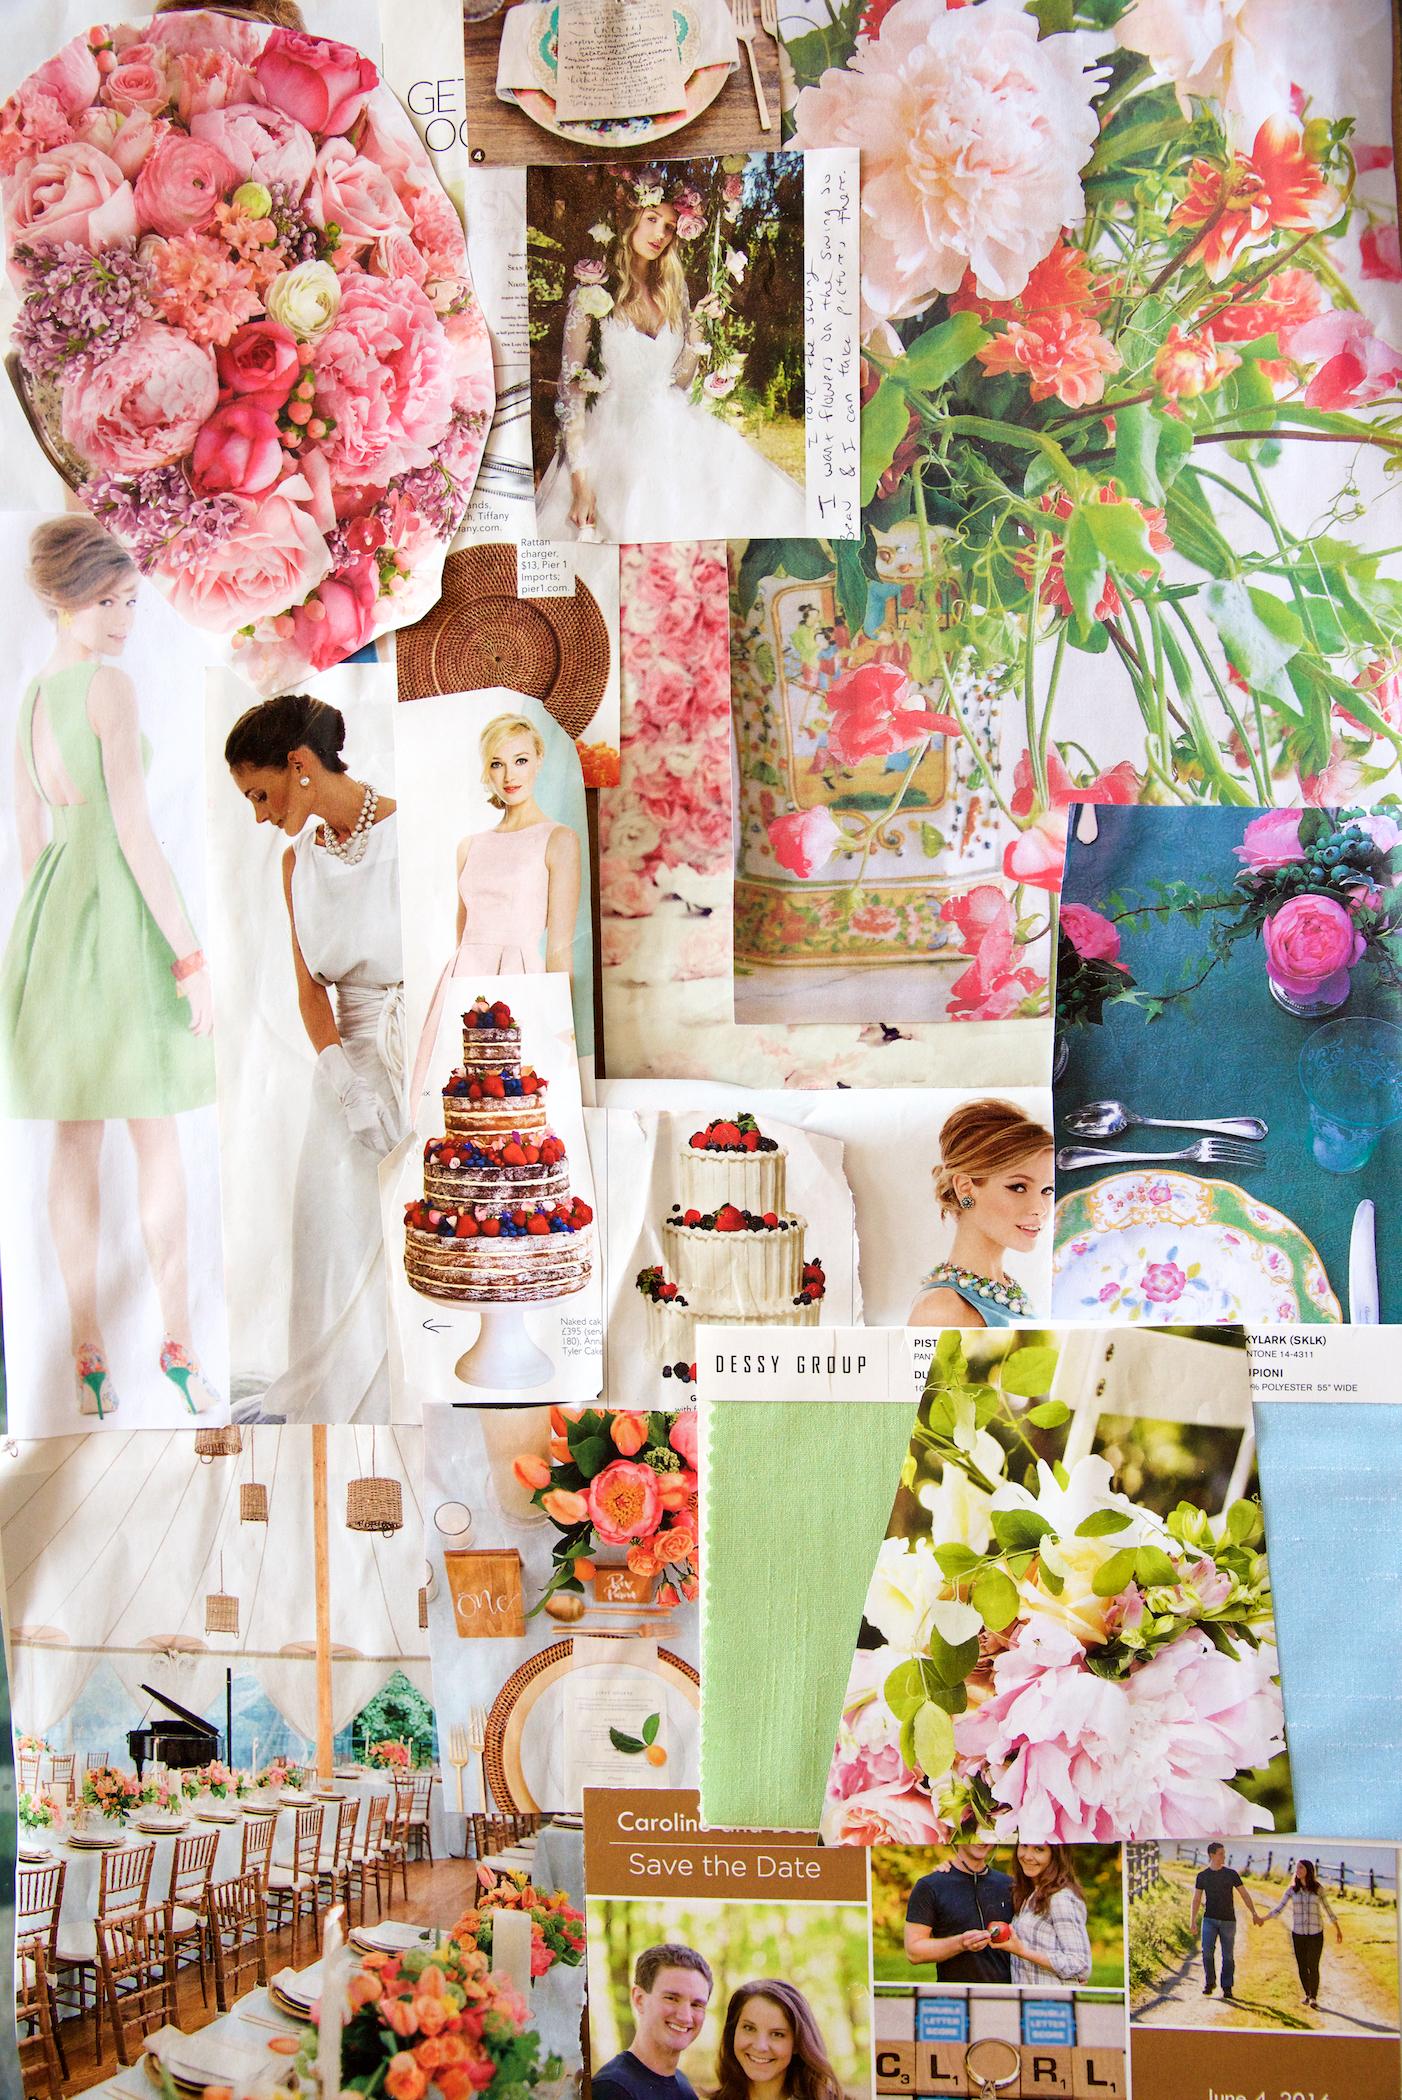 A Yellow Dahlia Inspiration Board created for a garden wedding, June 2016